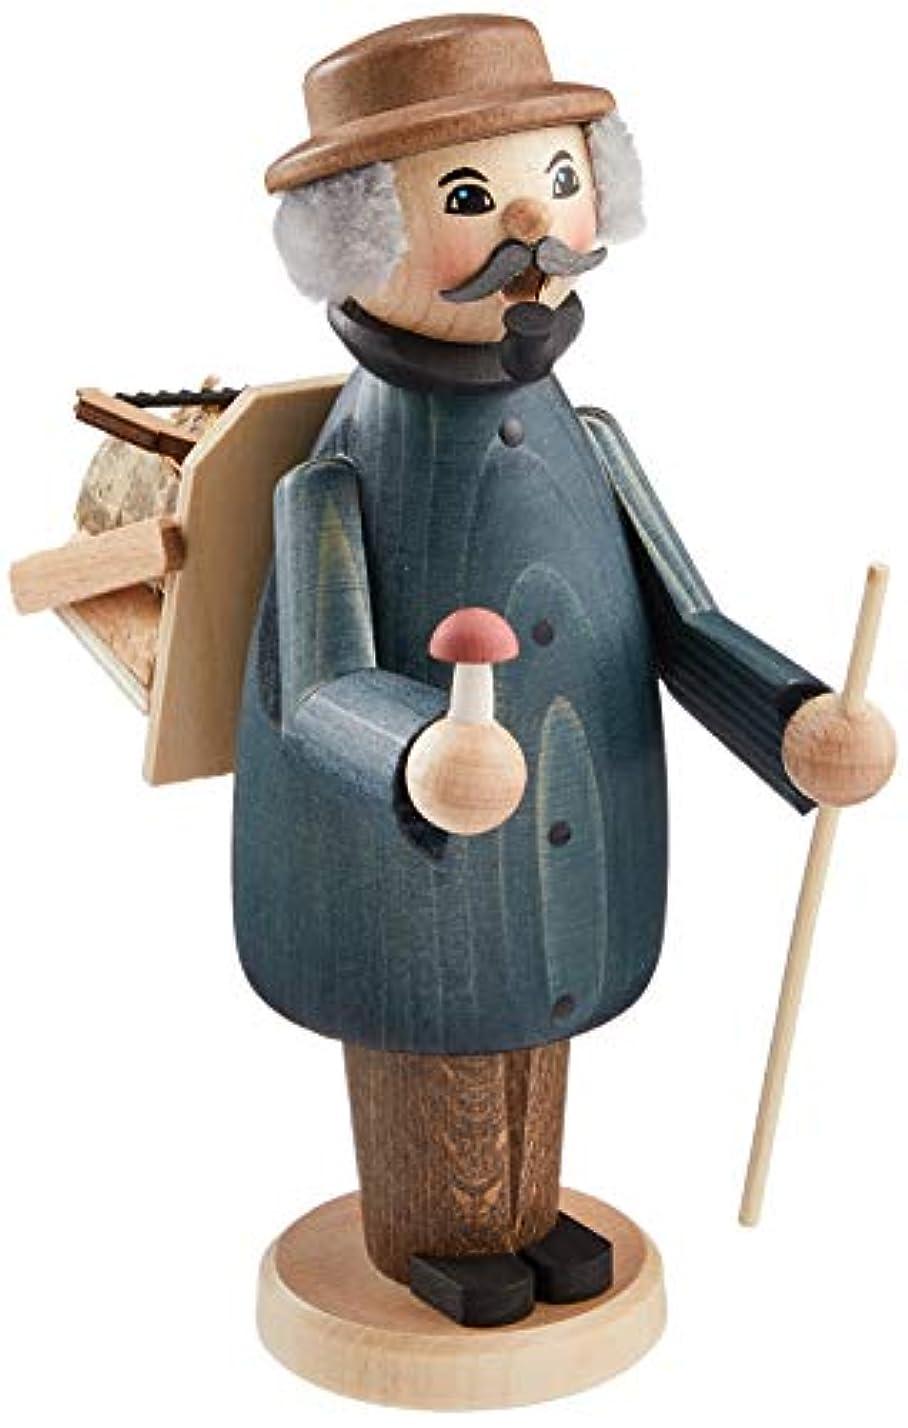 枯渇するハリウッドモナリザkuhnert ミニパイプ人形香炉 薪拾い